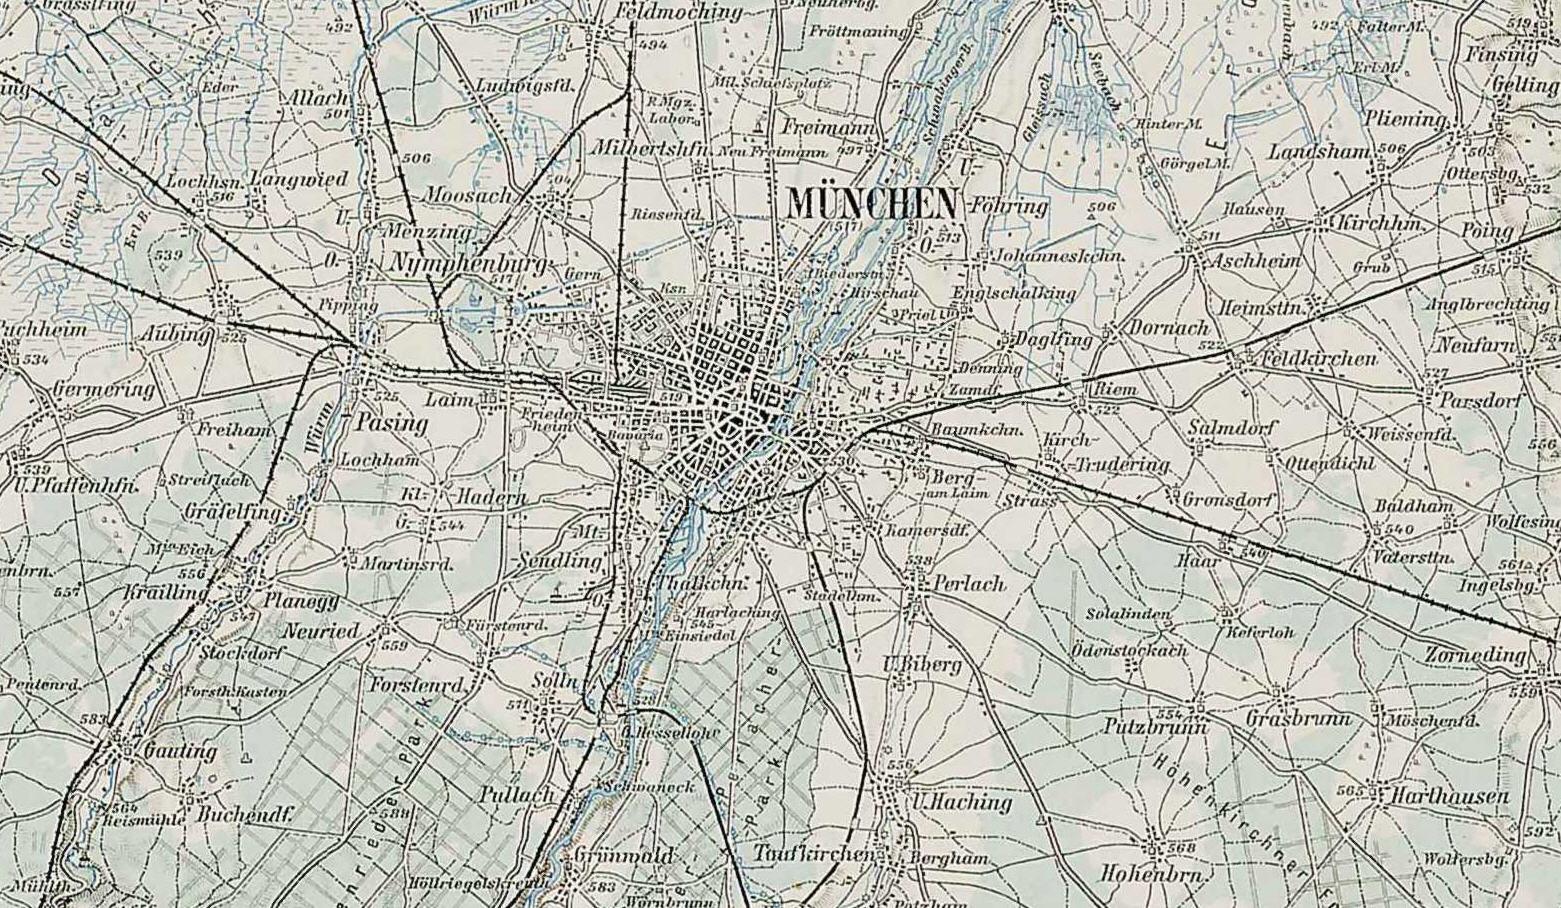 Topographische Karte Ungarn.Topographische Landkarten Historische Landkarten